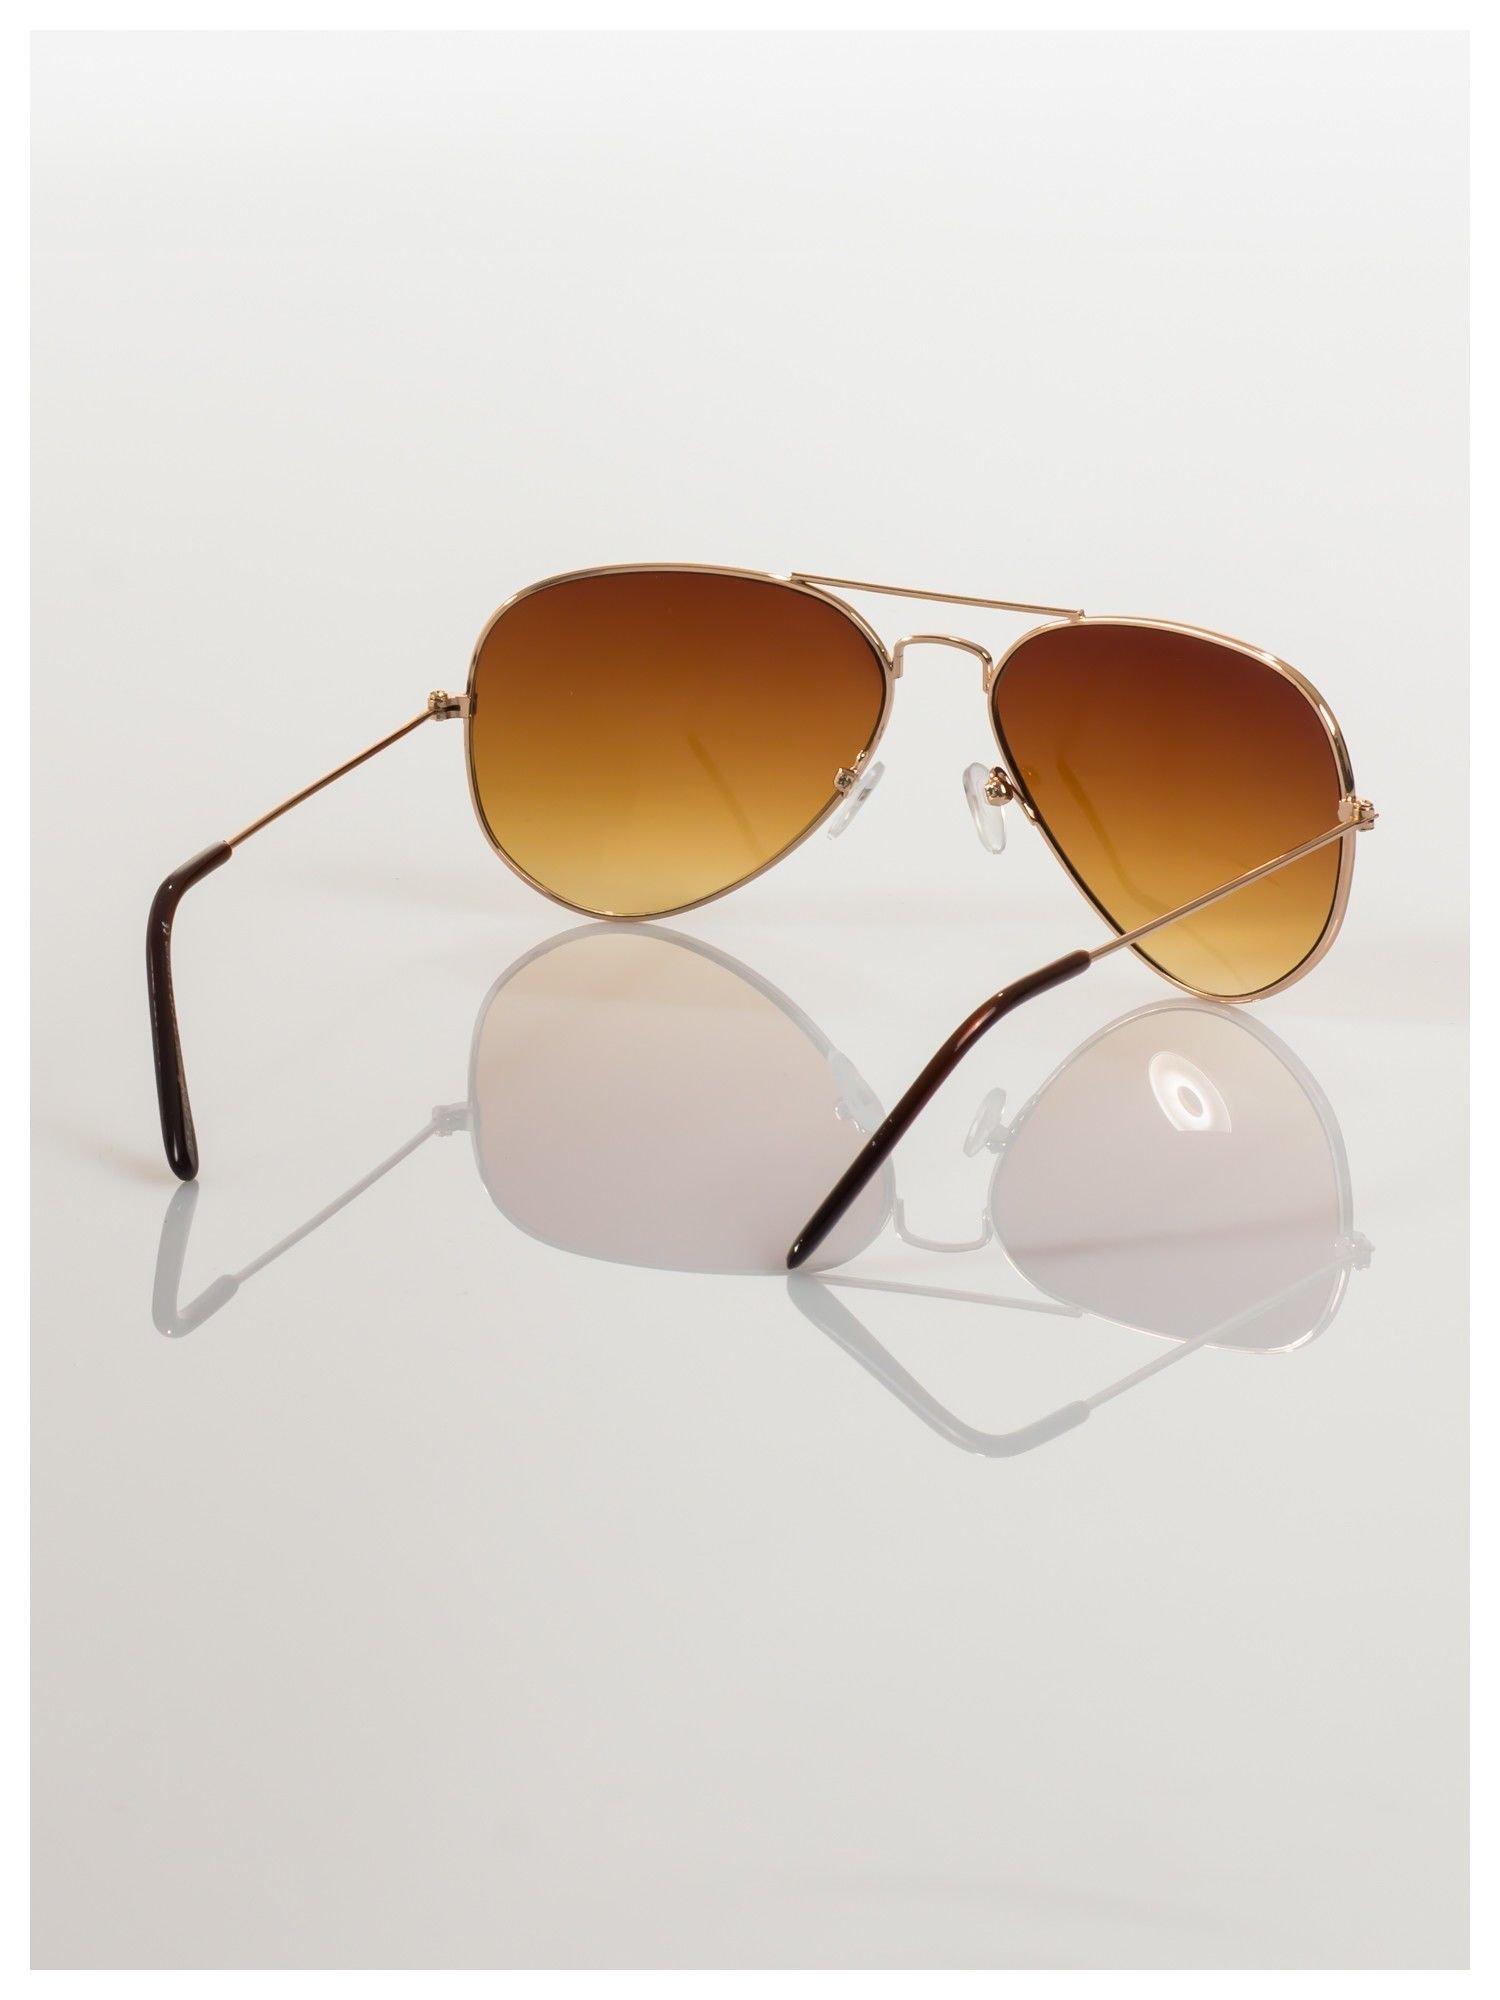 Przepiękne brązowe pilotki -okulary przeciwsłoneczne typu AVIATOR                                  zdj.                                  4